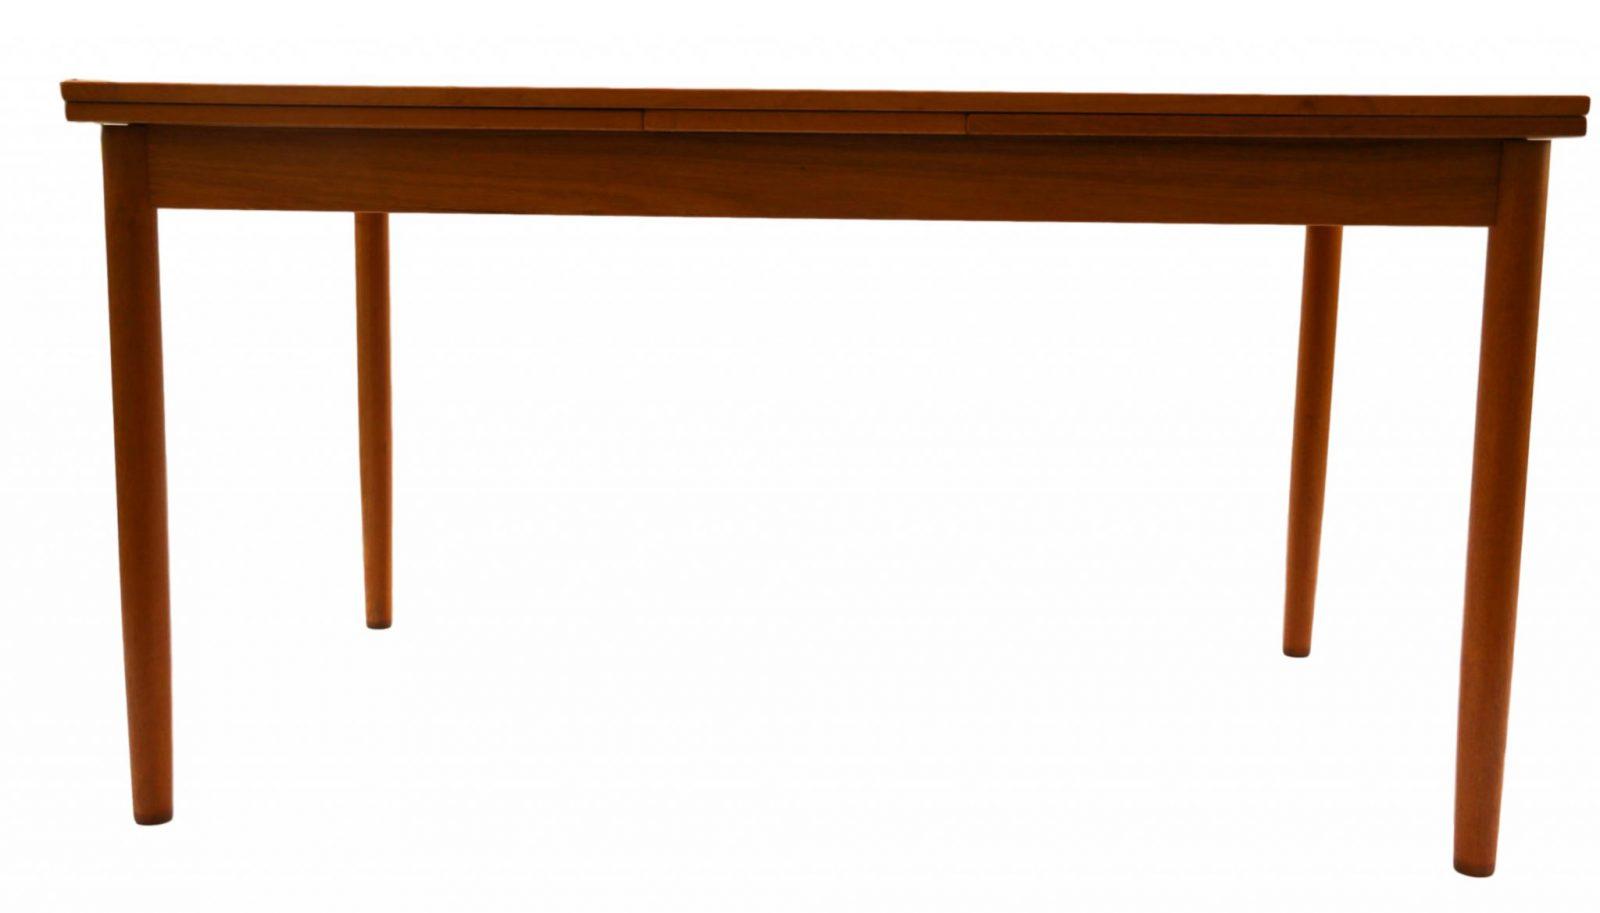 Danish mid century modern teak extendable dining table for Mid century modern dining table